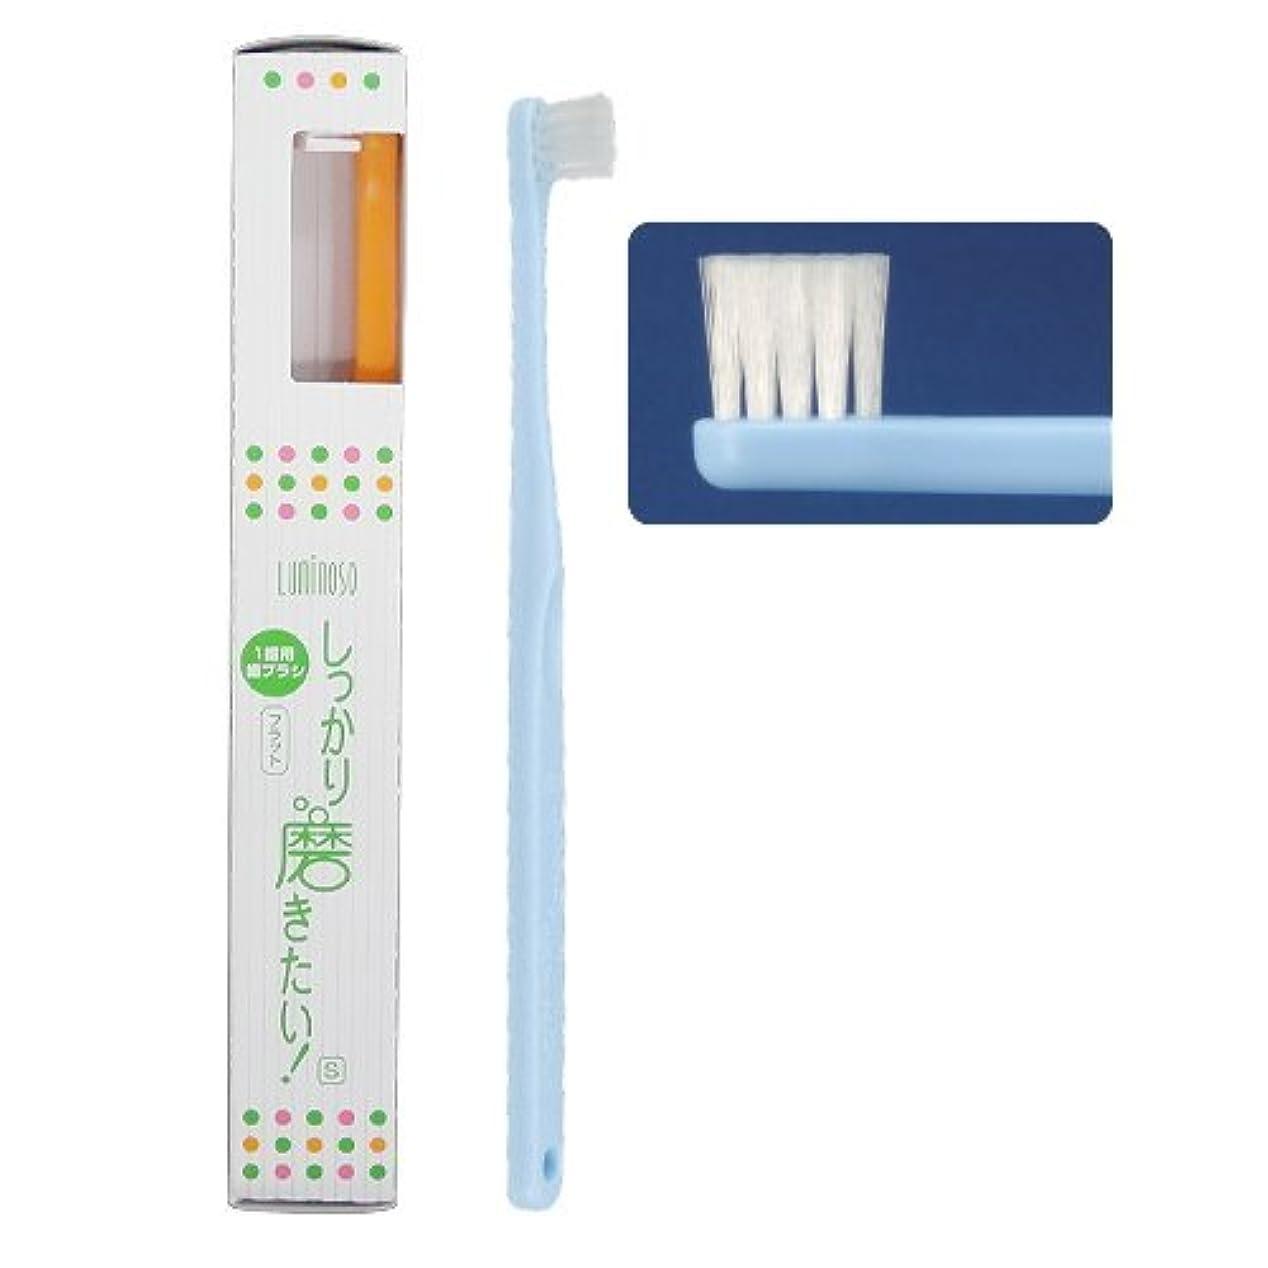 シェルターちなみに重くするルミノソ 1歯用歯ブラシ 「しっかり磨きたい!」 フラット ソフト (カラー指定不可) 5本